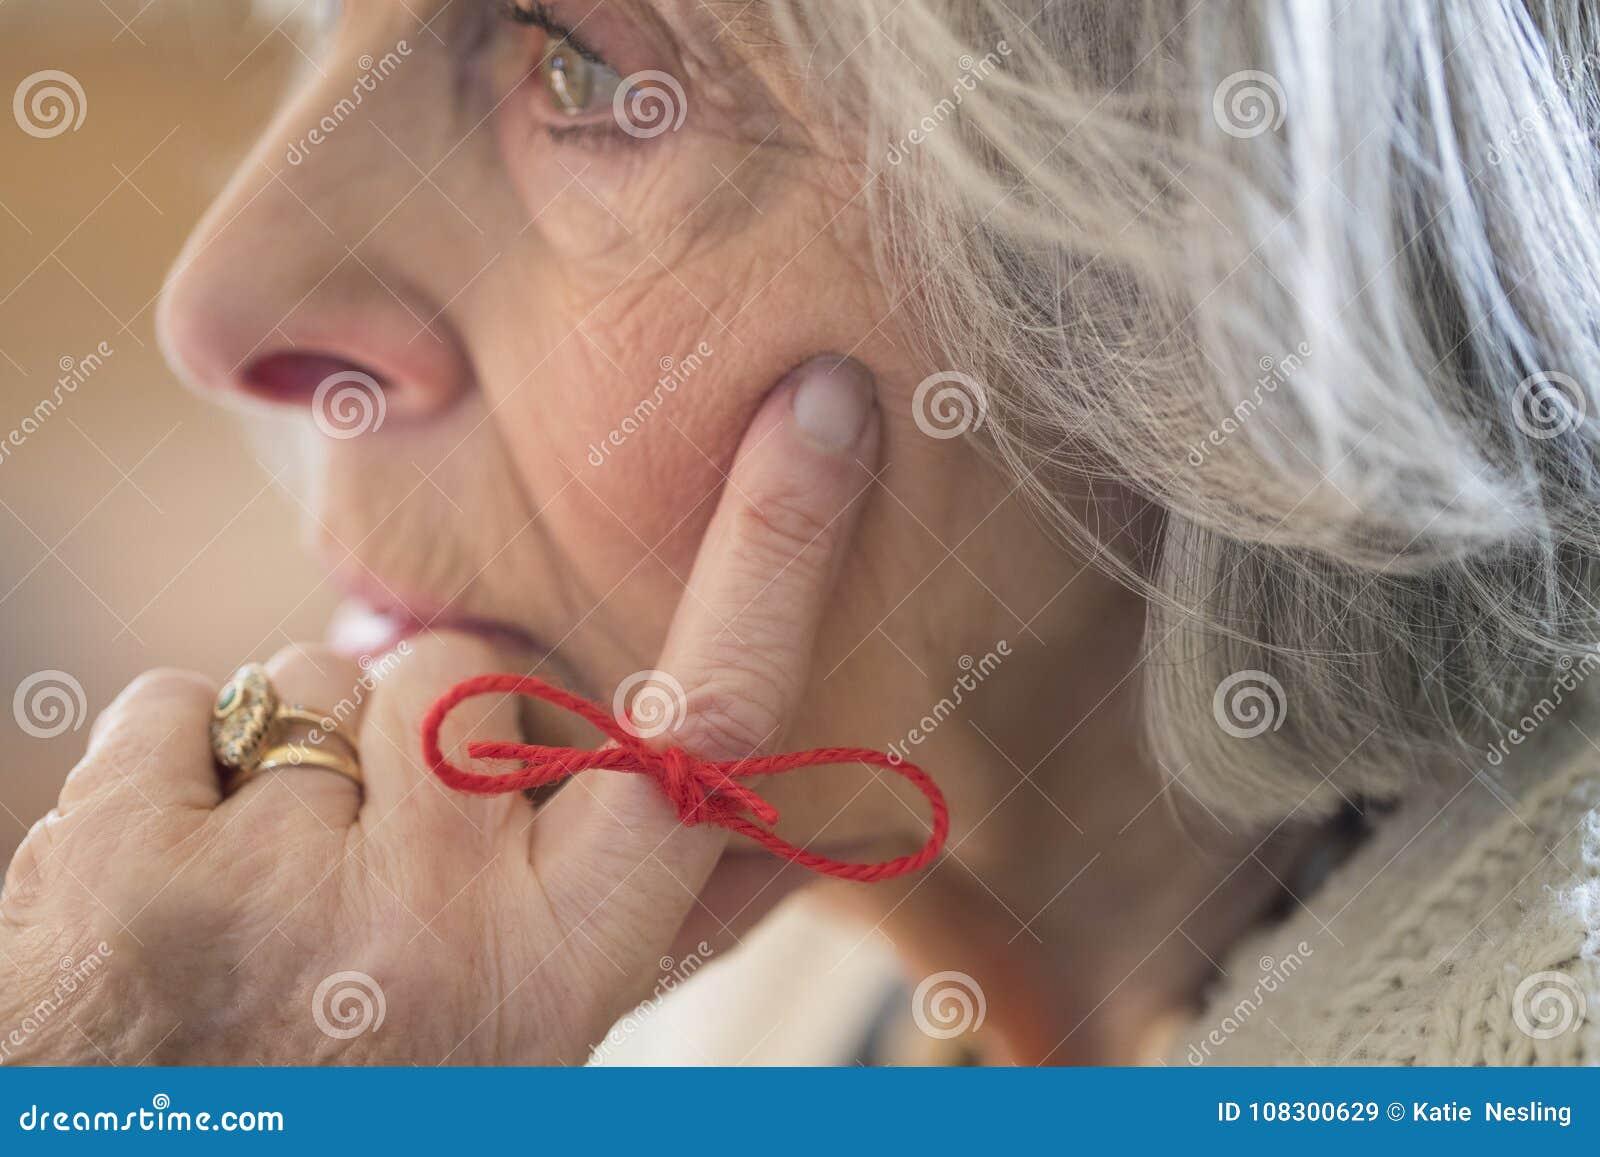 Sluit omhoog van Hogere die Vrouw met Koord rond Vinger als Remin wordt gebonden